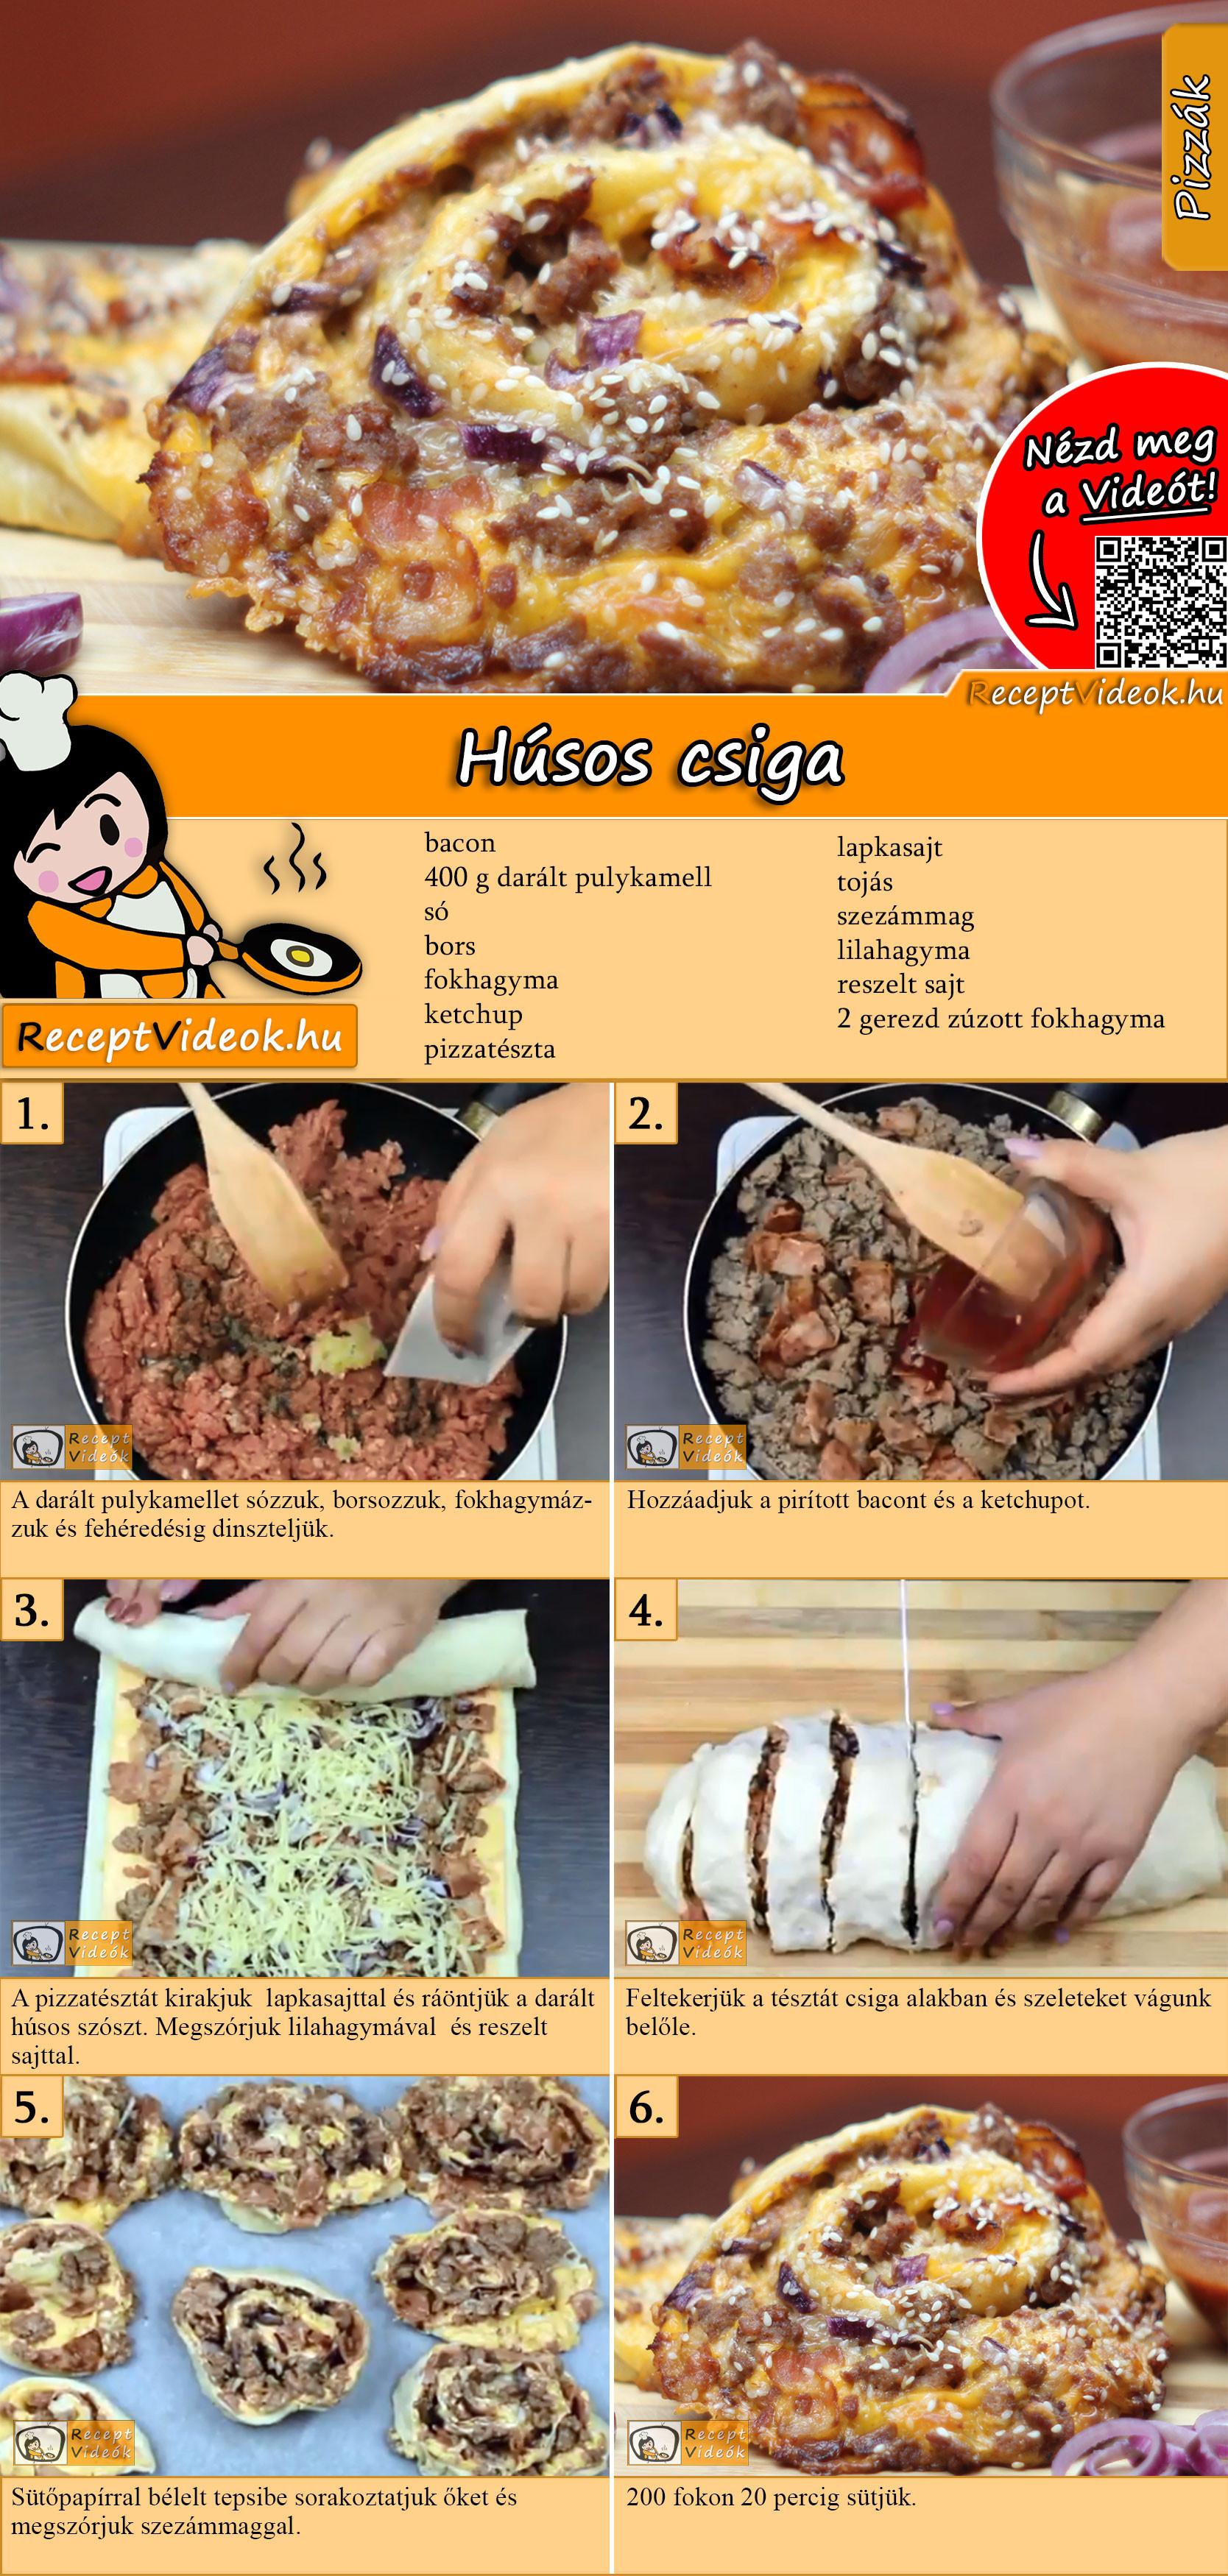 Húsos csiga recept elkészítése videóval